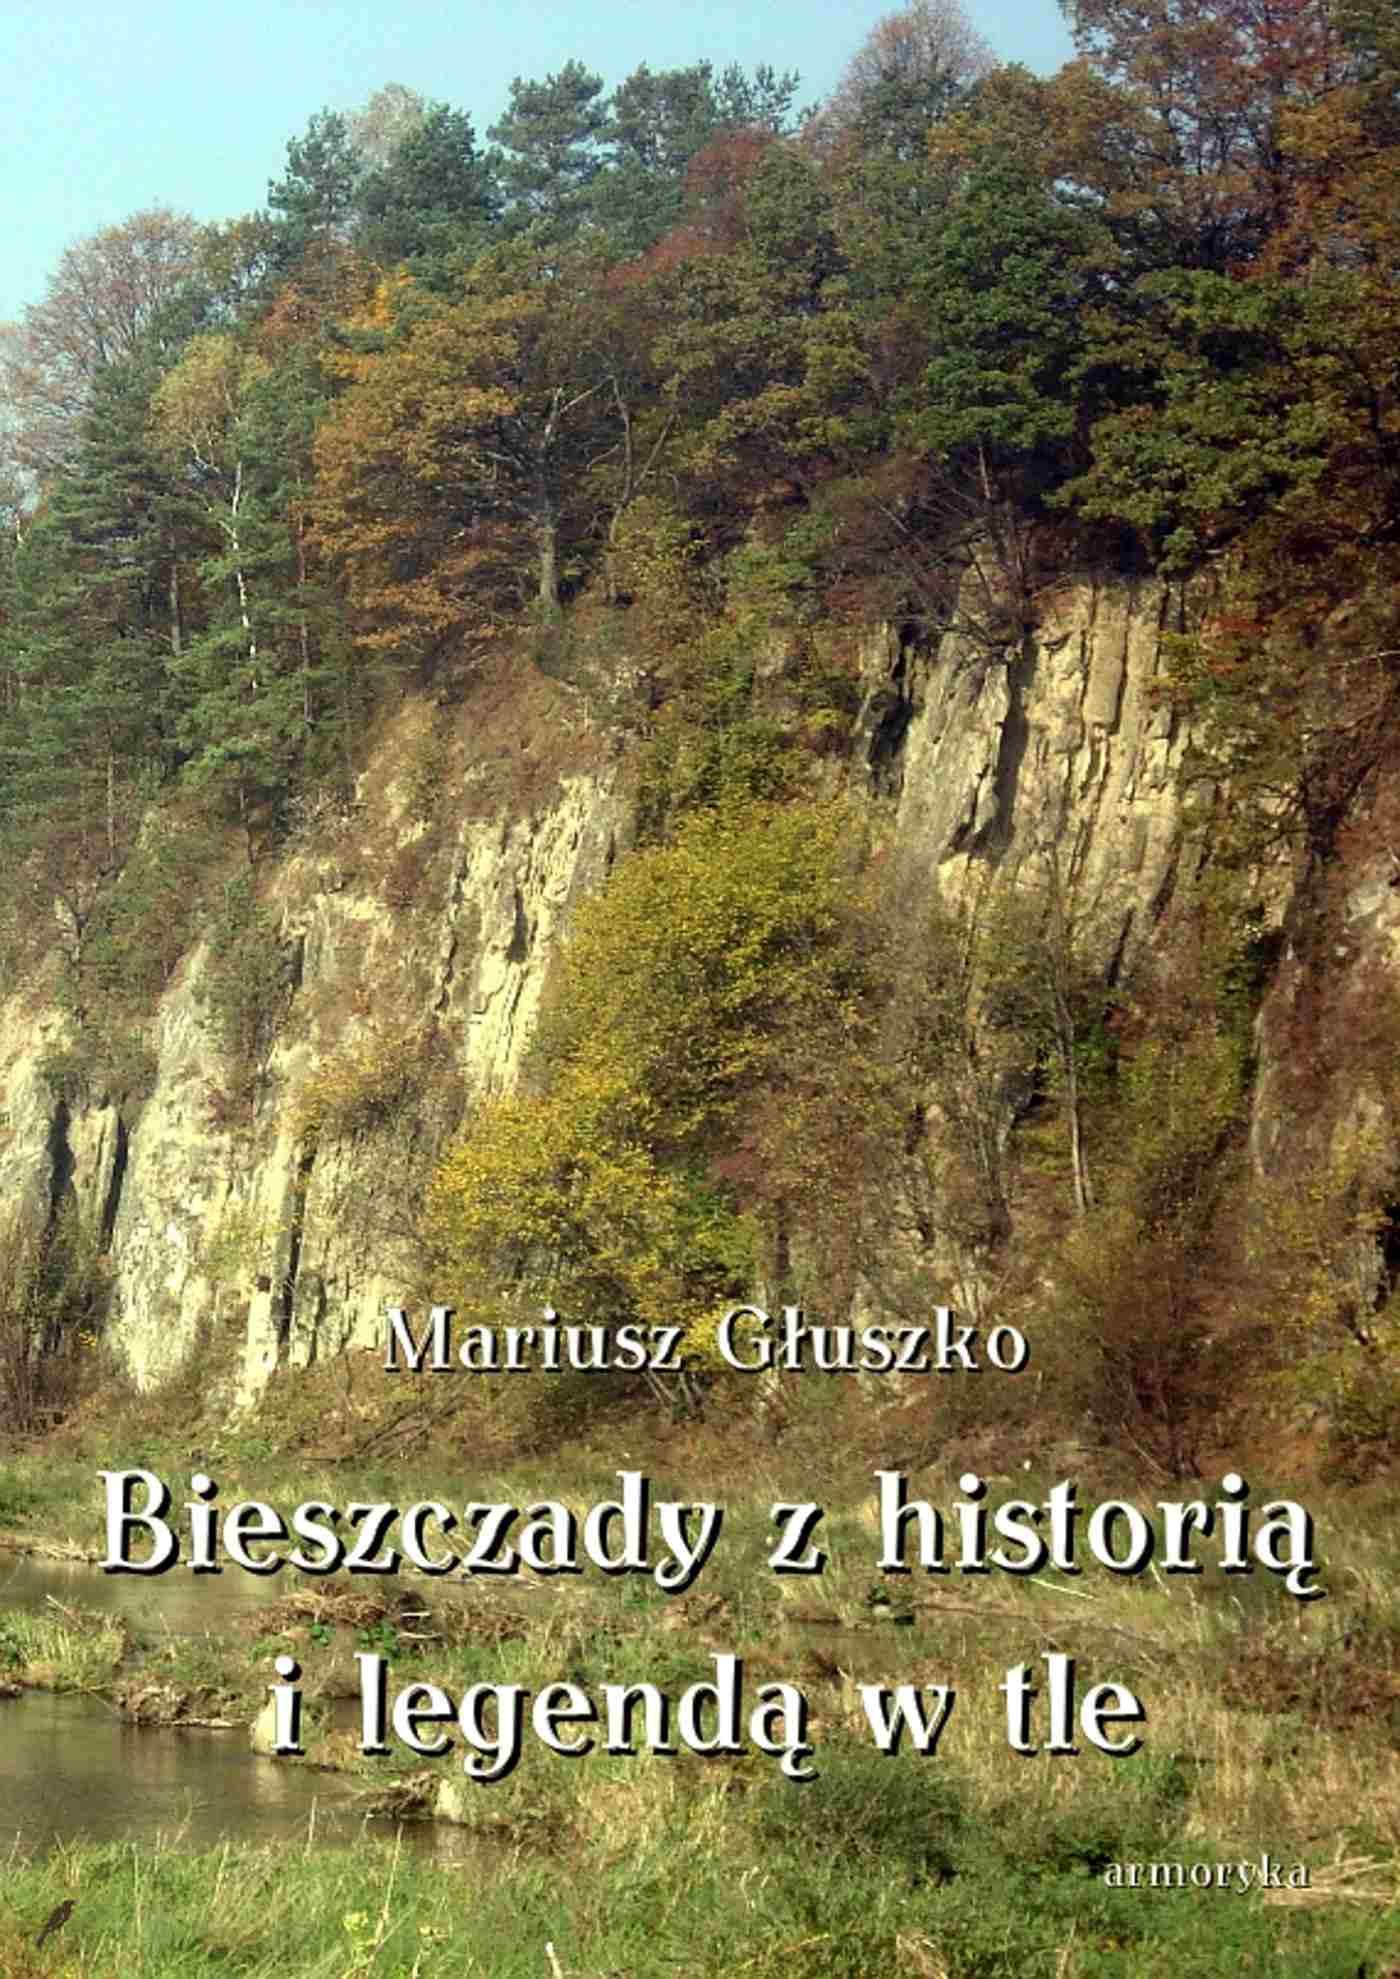 Bieszczady z historią i legendą w tle - Ebook (Książka EPUB) do pobrania w formacie EPUB